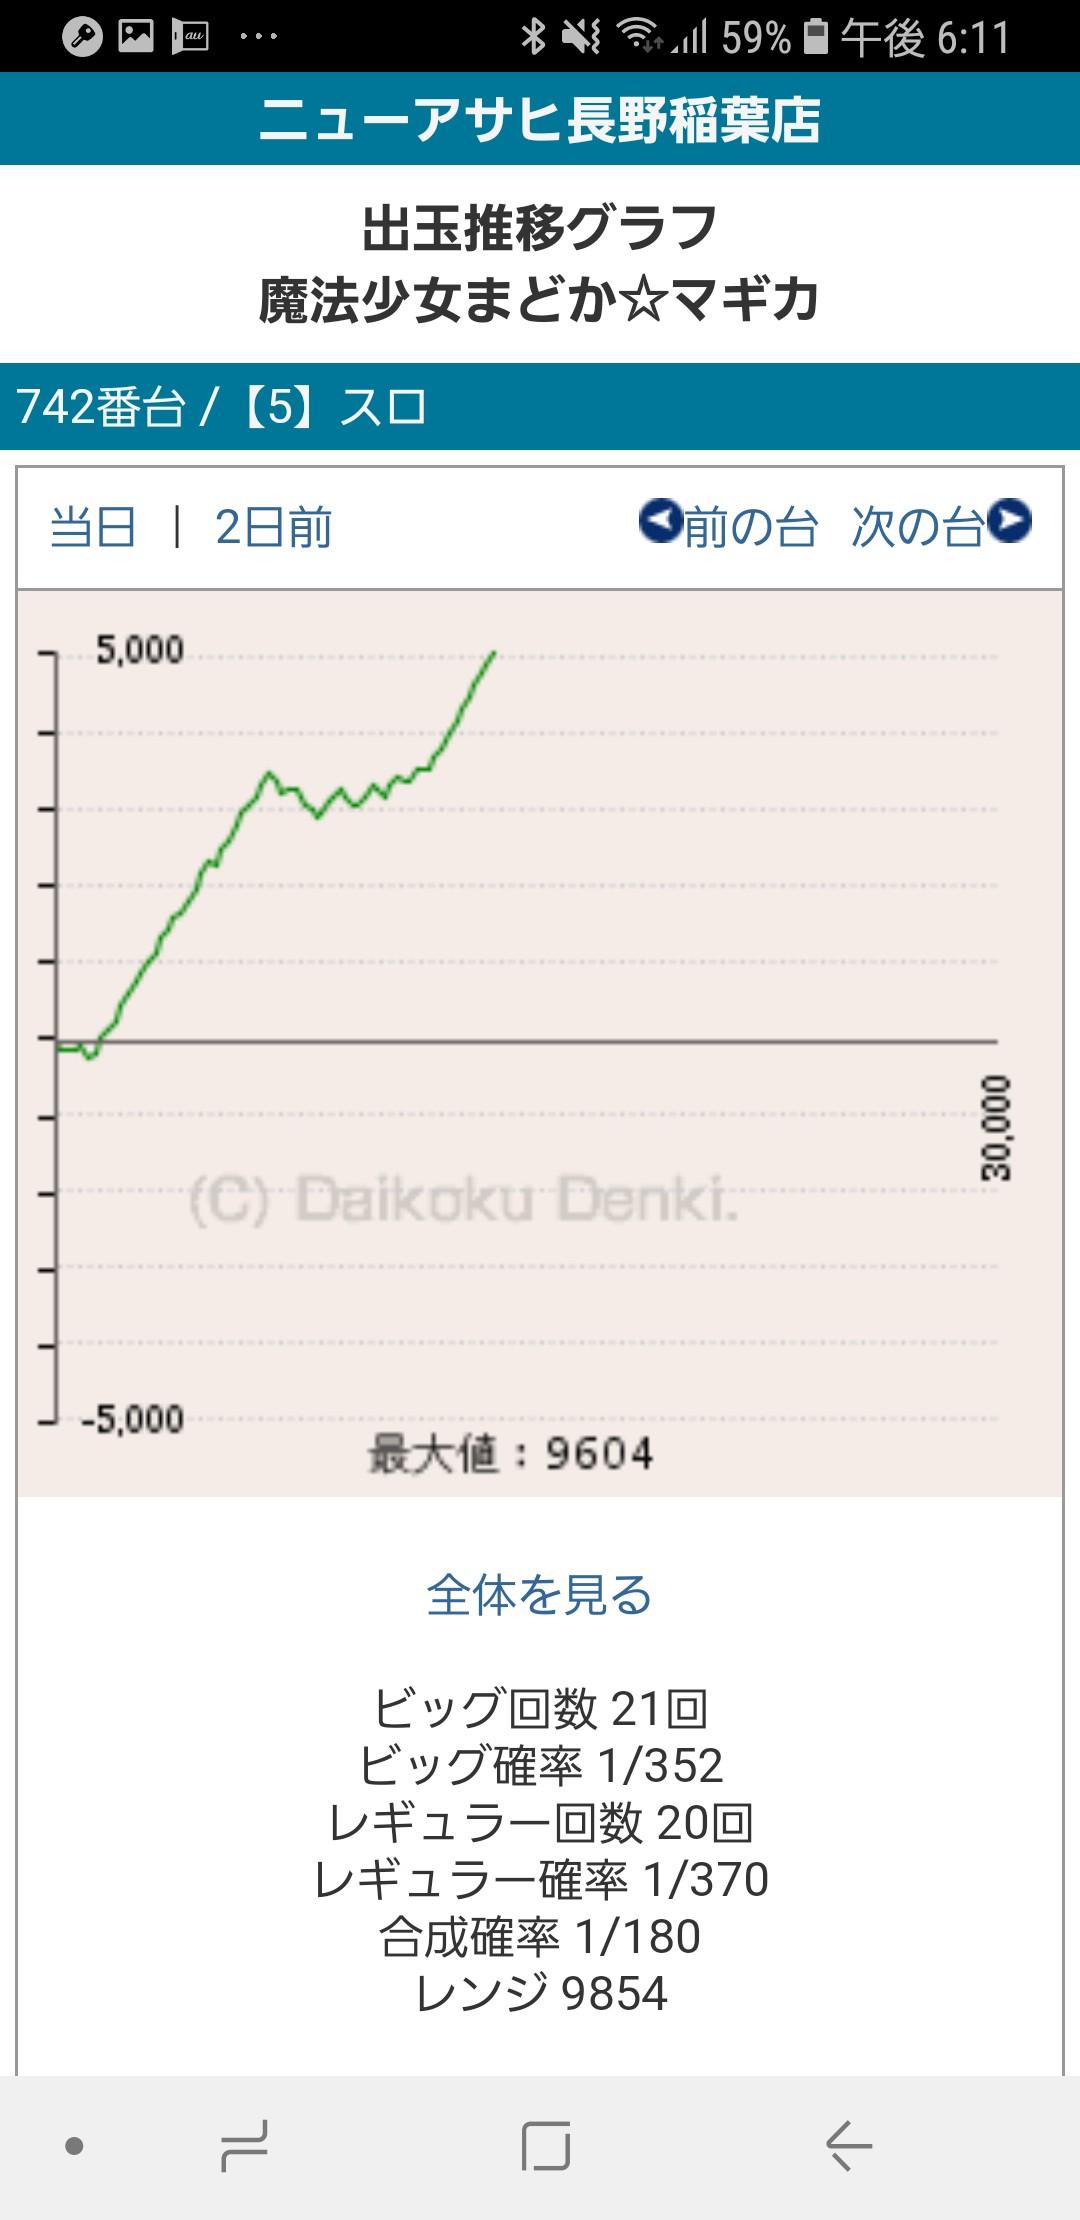 第236回ハズセレ(ニューアサヒ長野稲葉店)最終報告